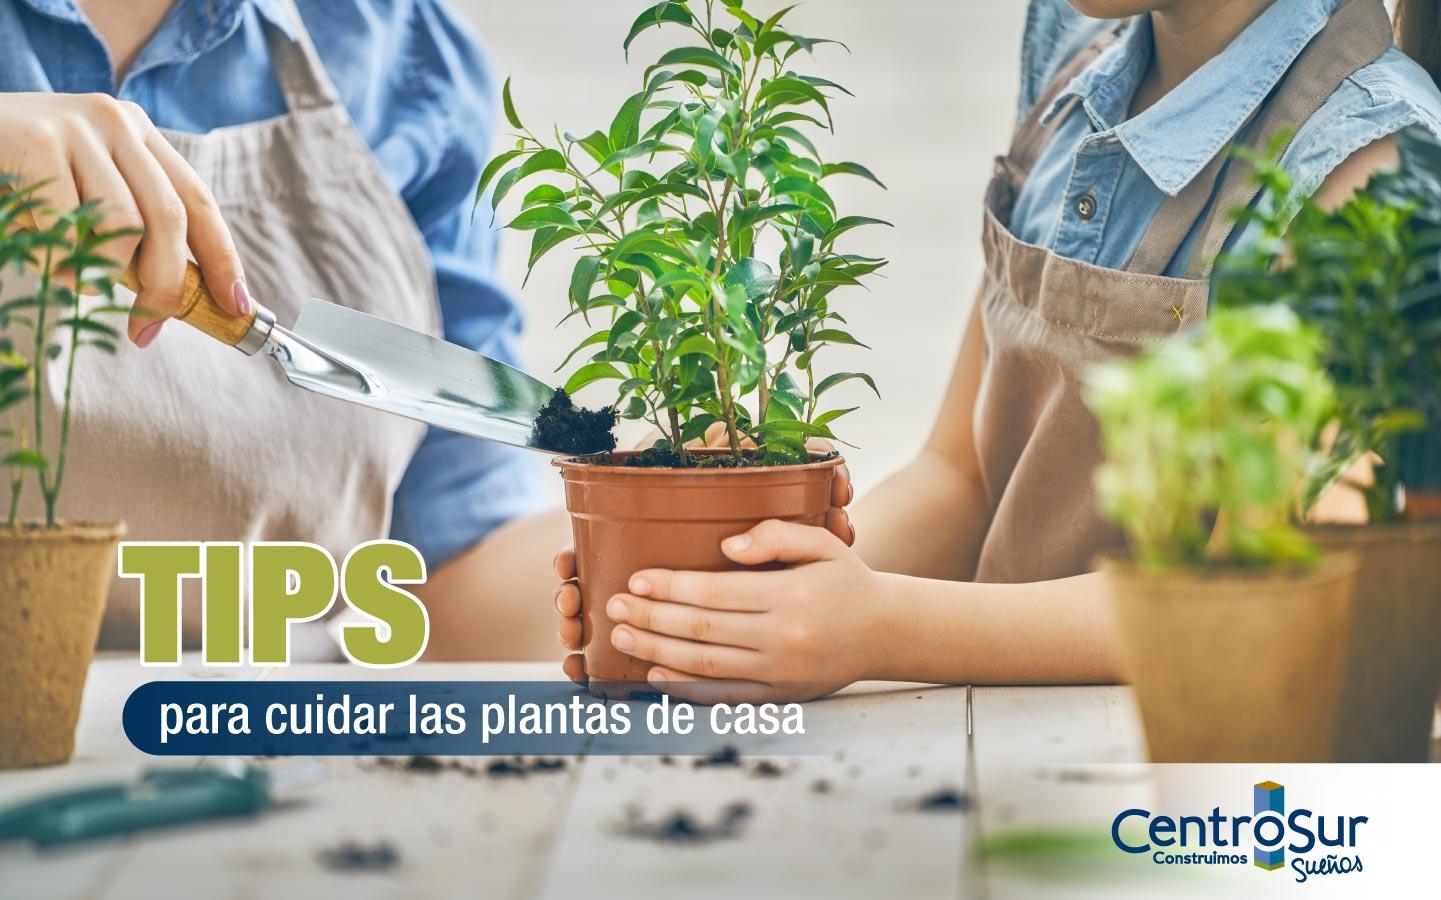 TIPS PARA CUIDAR LAS PLANTAS DE CASA